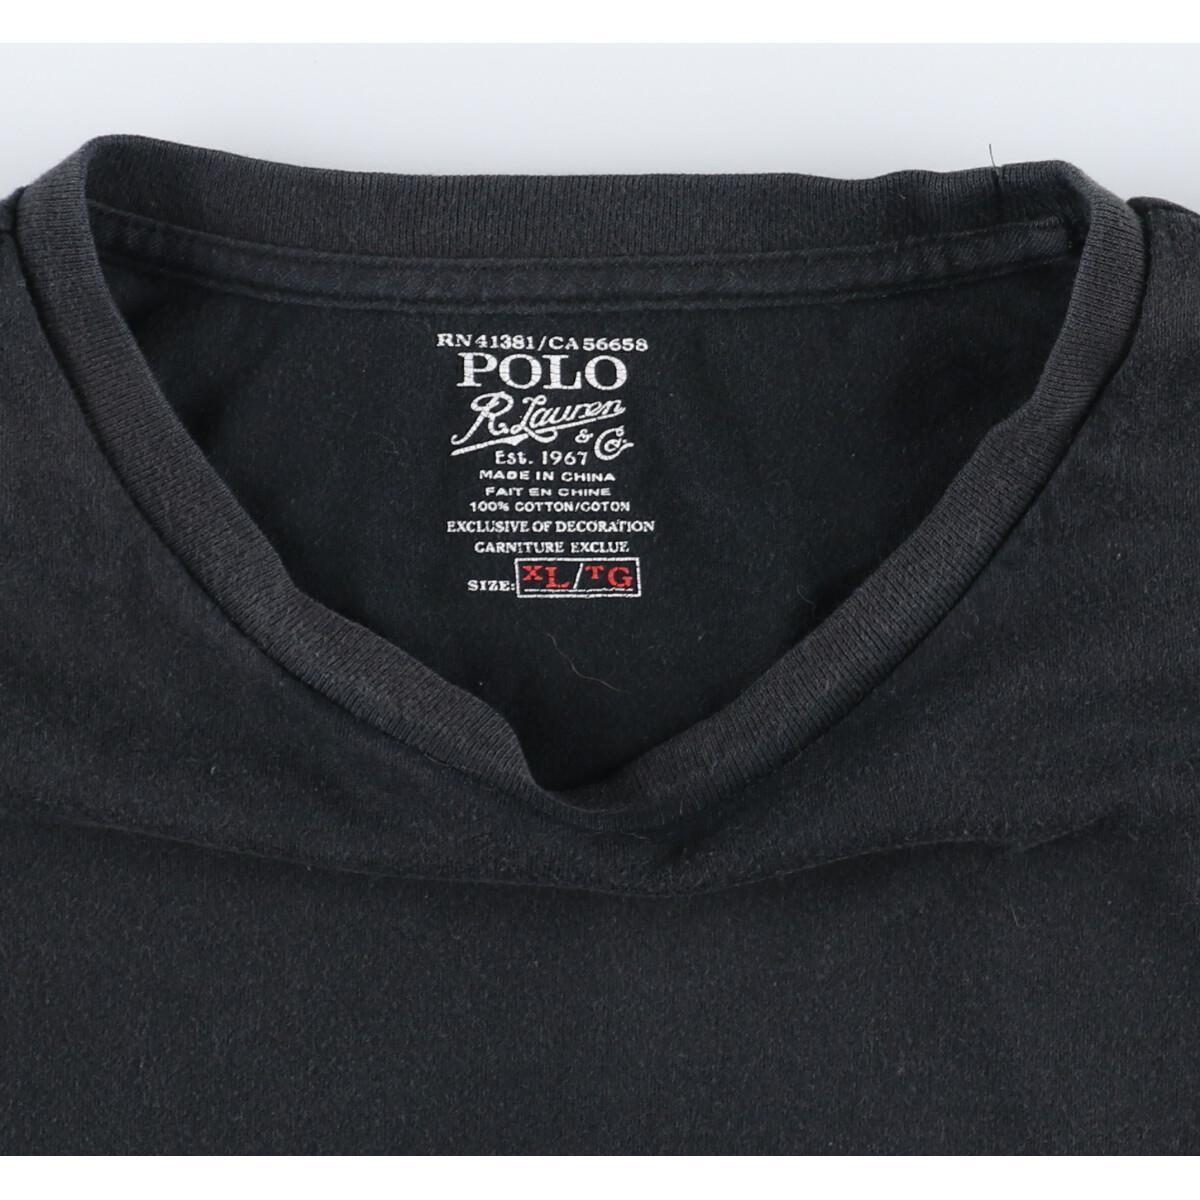 ラルフローレン Ralph Lauren POLO RALPH LAUREN 半袖 ワンポイントロゴTシャツ メンズXL /eaa160182_画像3